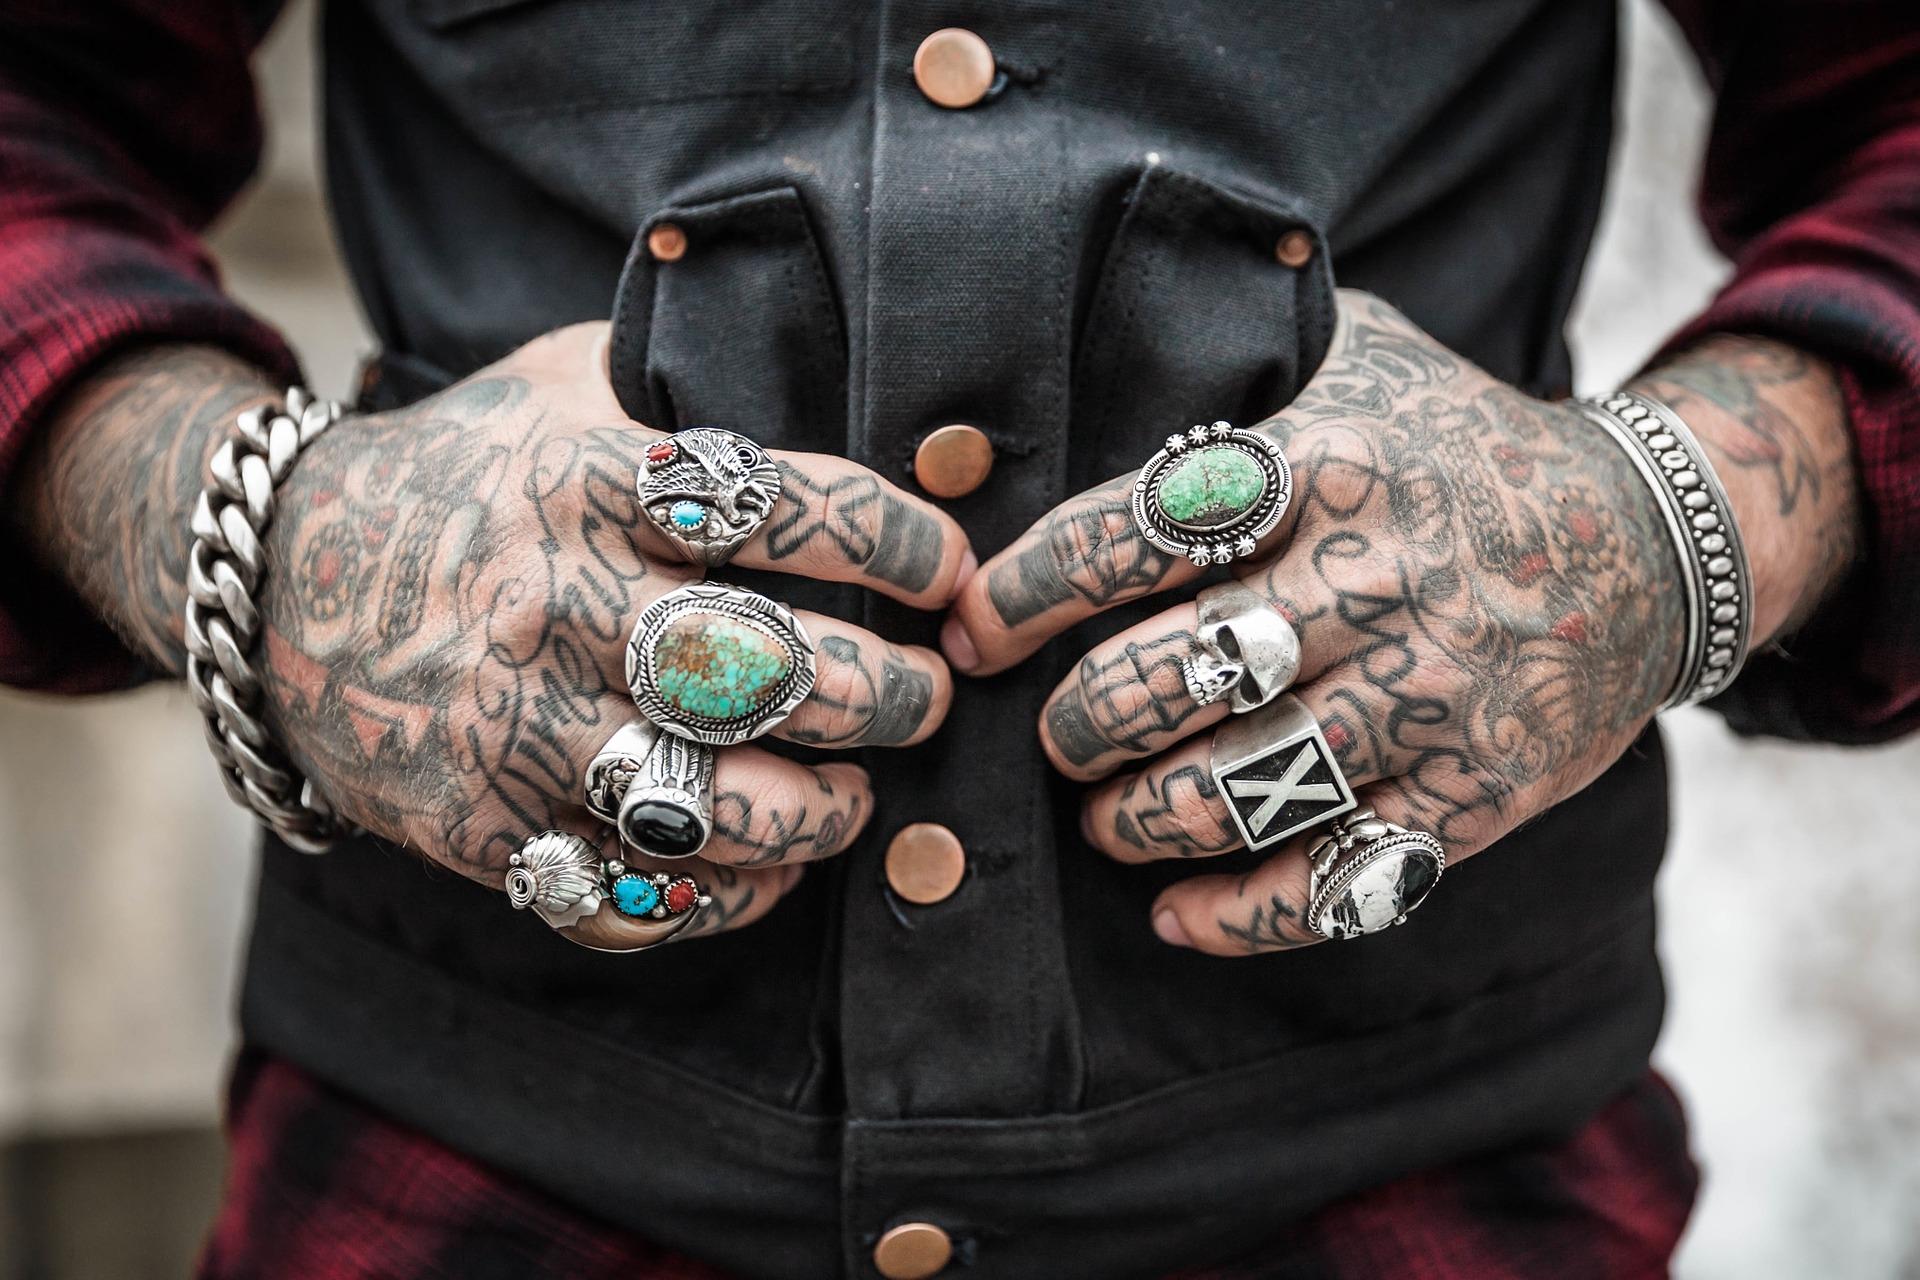 tattoo, tattoos, ink